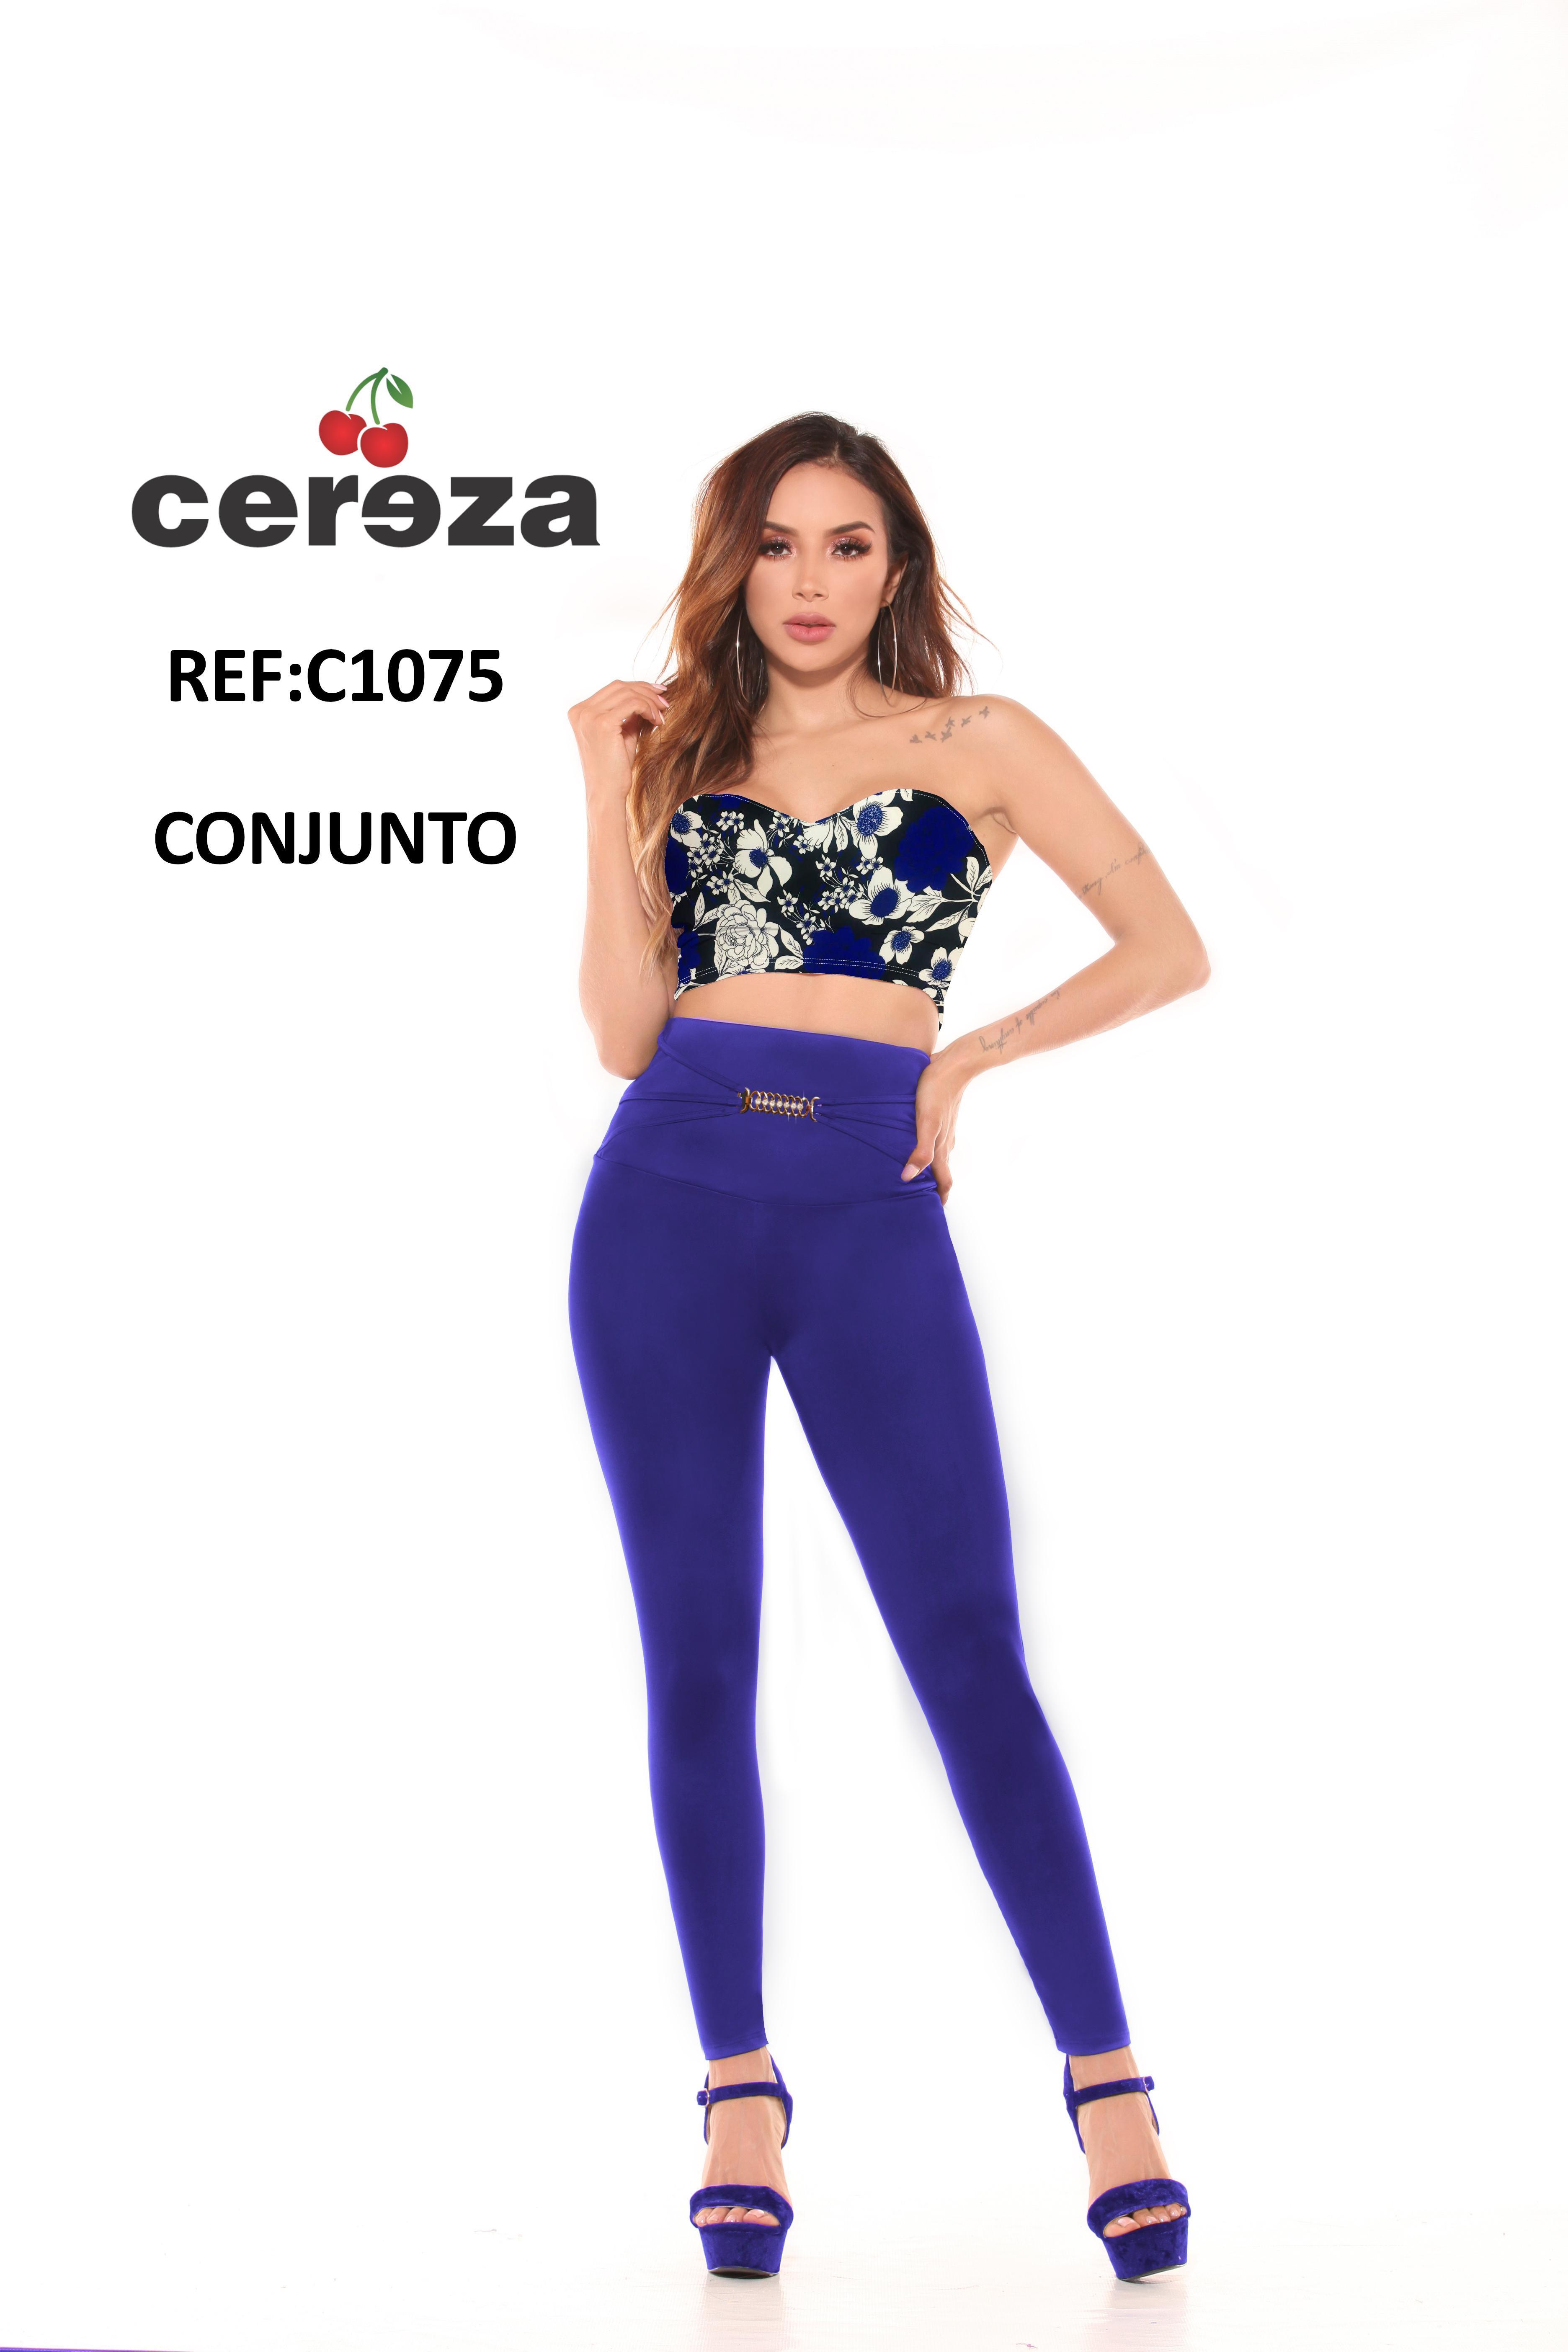 Conjunto Colombiano de Blusa Azul decorado Floral y Pantalón Azul para dama con Cintura Alta y con control de Abdomen